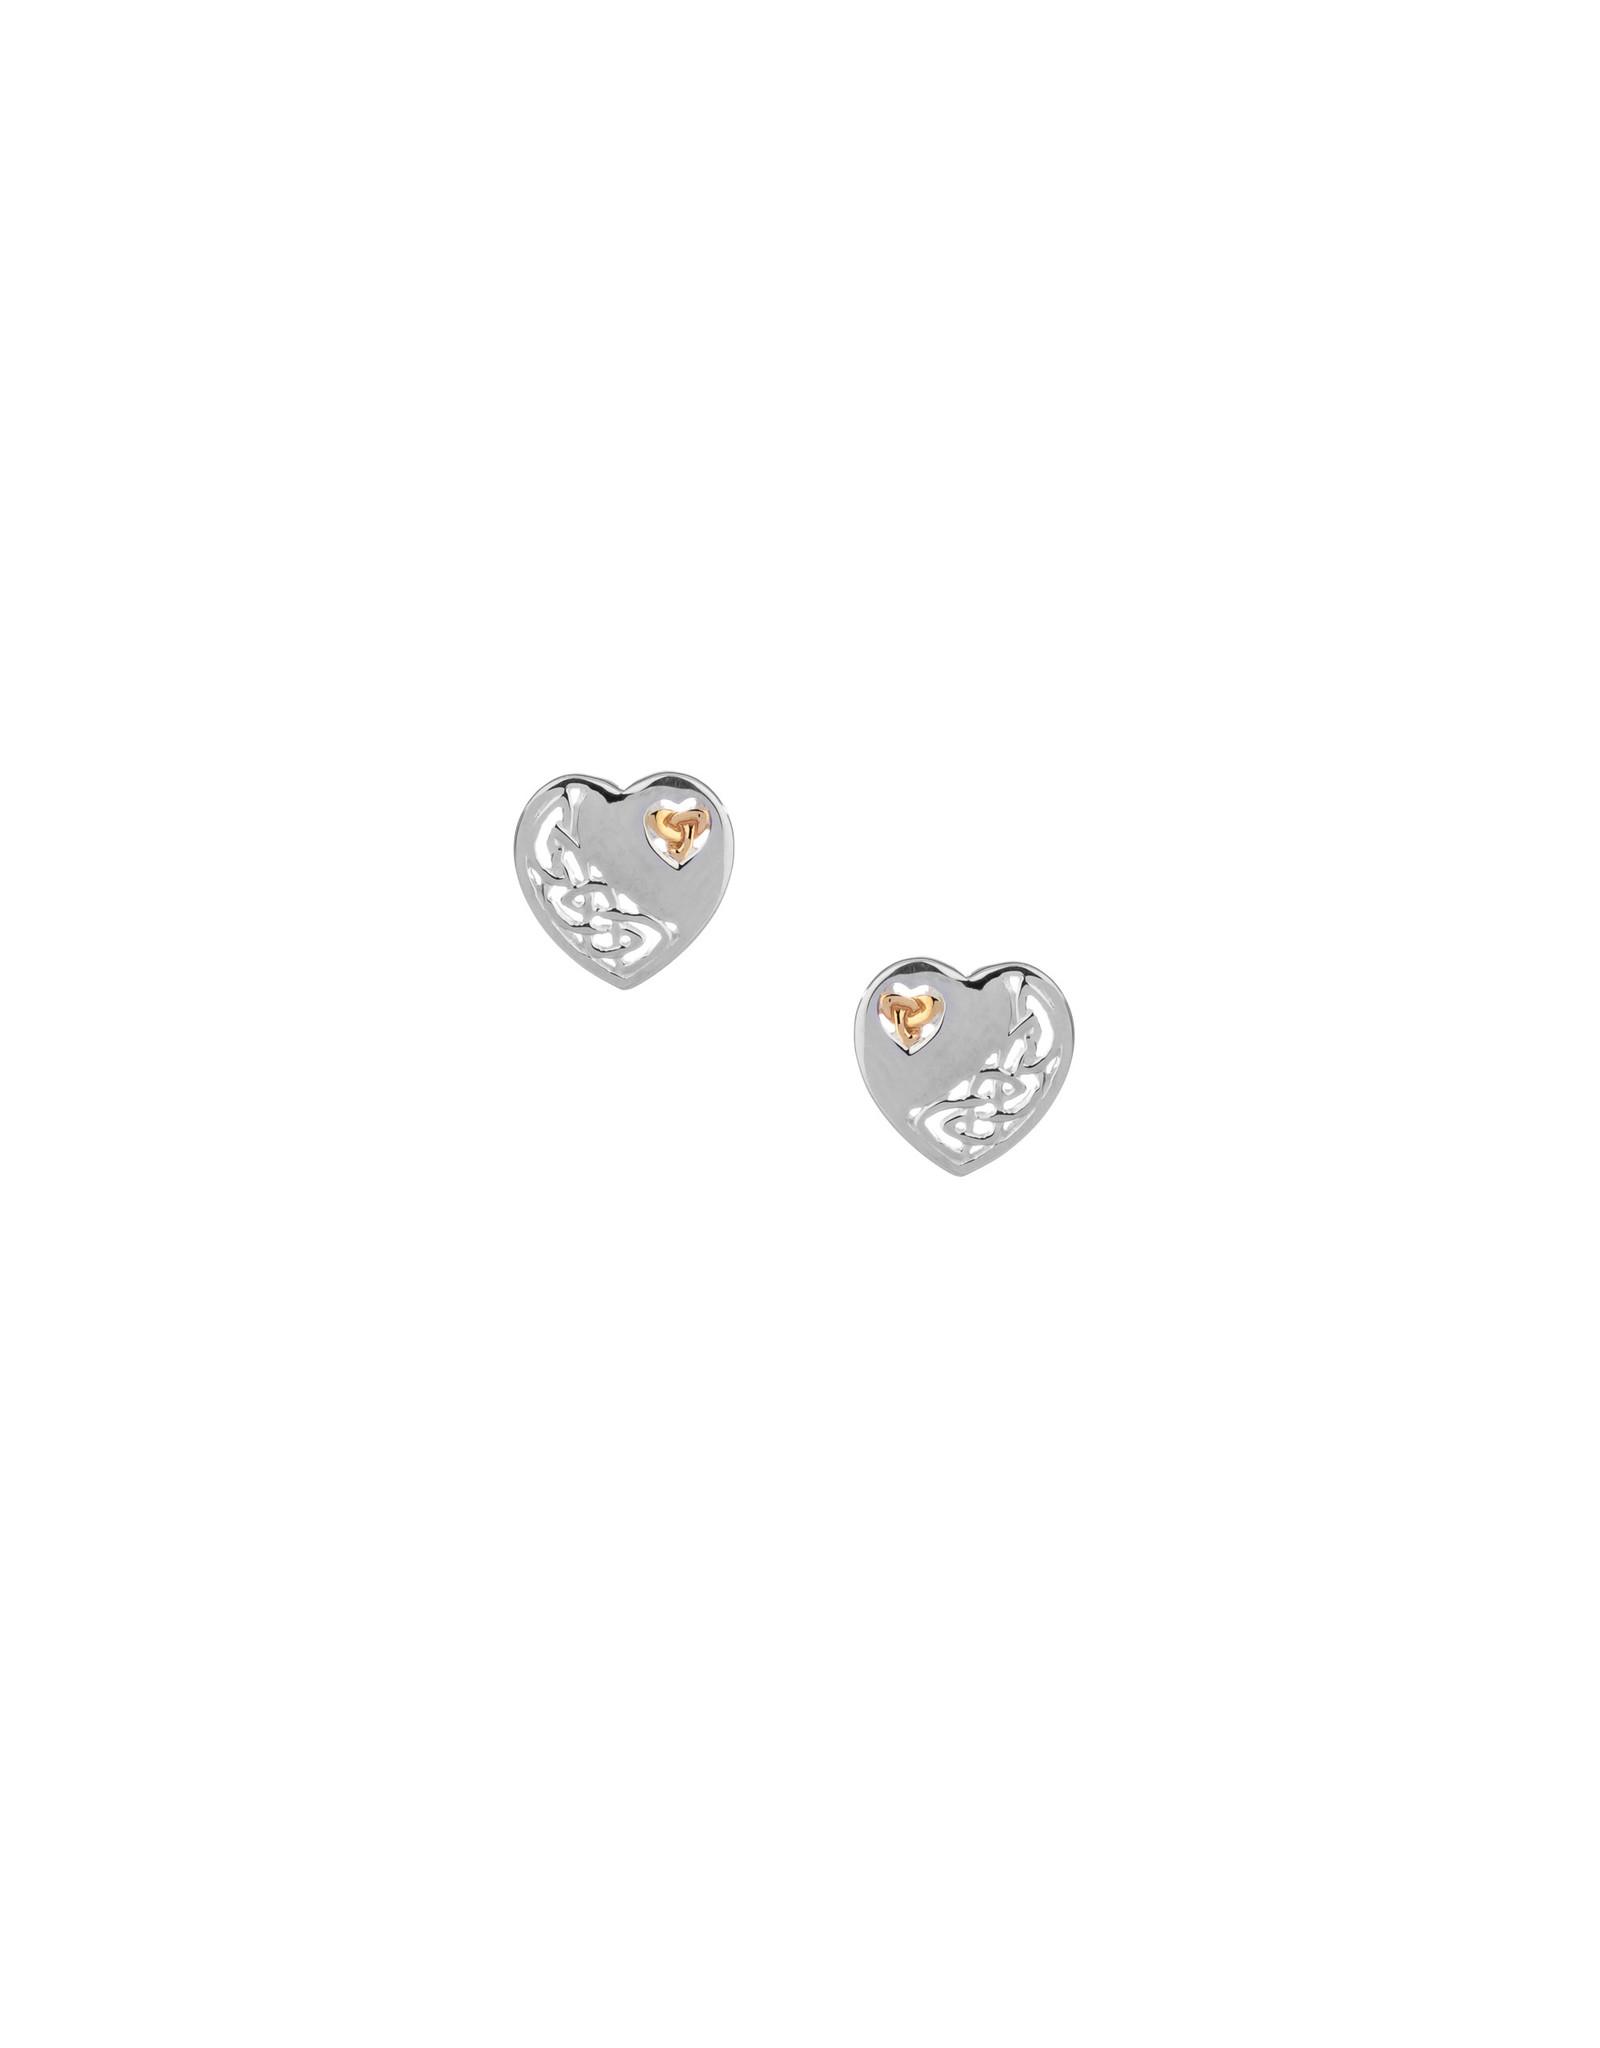 Keith Jack Sterling Silver + 10k Heart Earrings